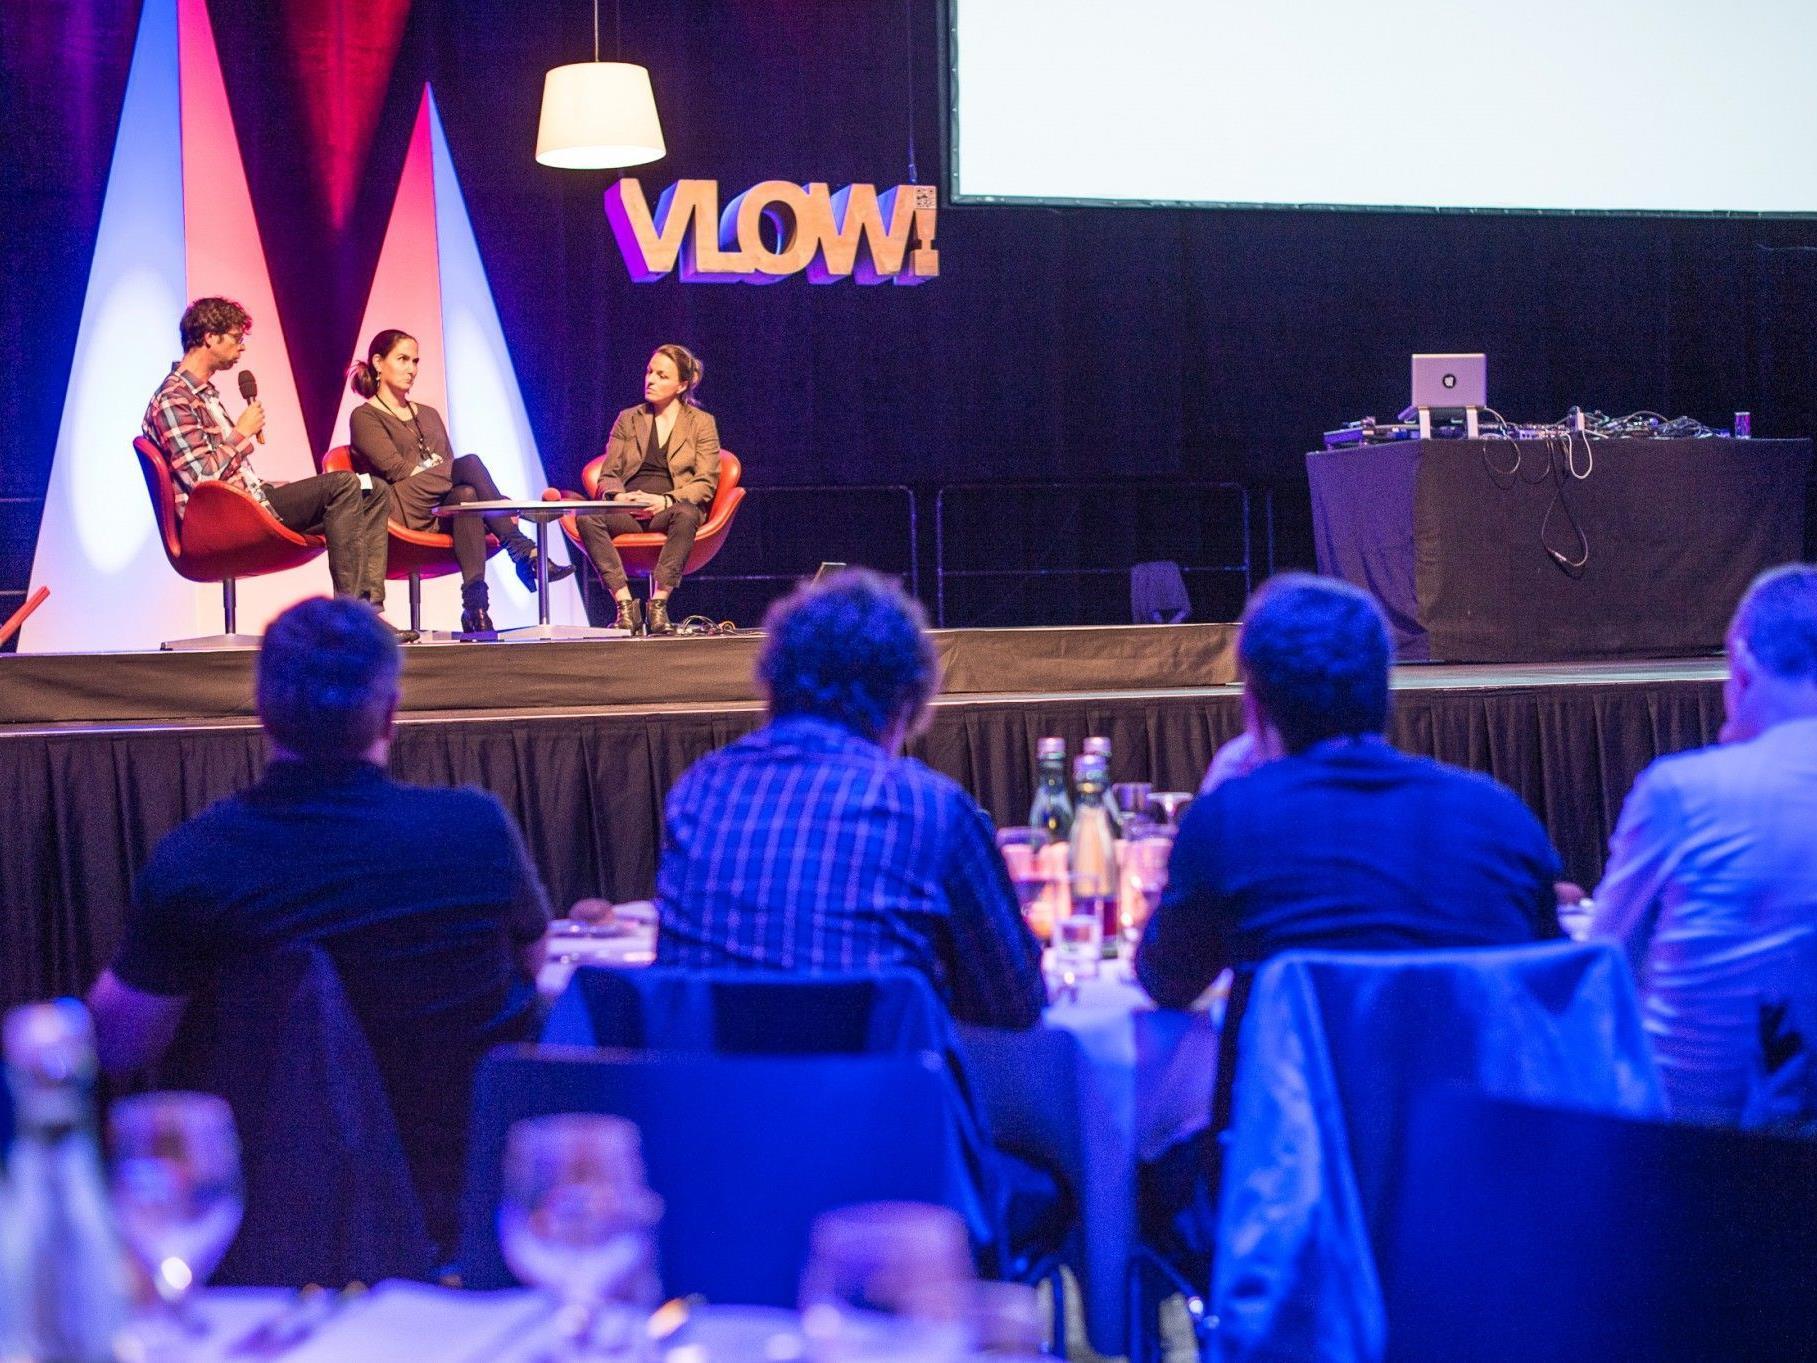 """Bei der VLOW!Night am Freitagabend erhielten die Kongressteilnehmer einen Einblick in das Rohrschacher Projekt """"Stadt als Bühne"""" und nützten die Gelegenheit zum Kennenlernen."""